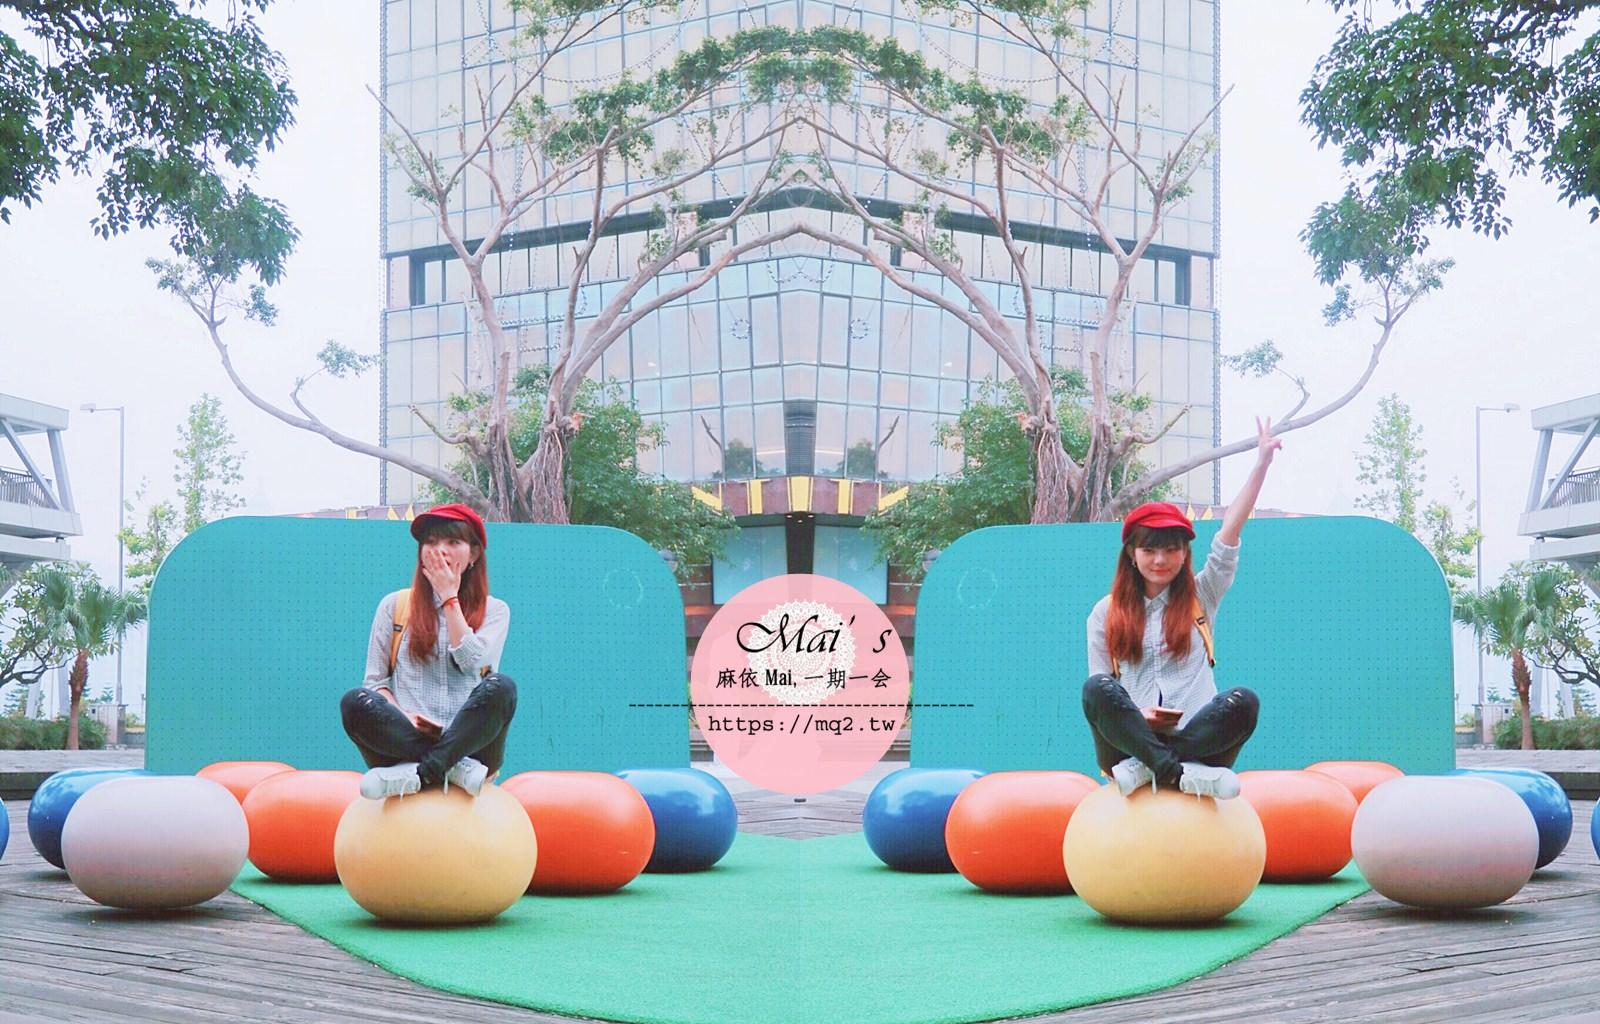 香港景點 ▌麼地道花園Mody Road Garden 繽紛裝置藝術 IG打卡網美點《麻依專欄》